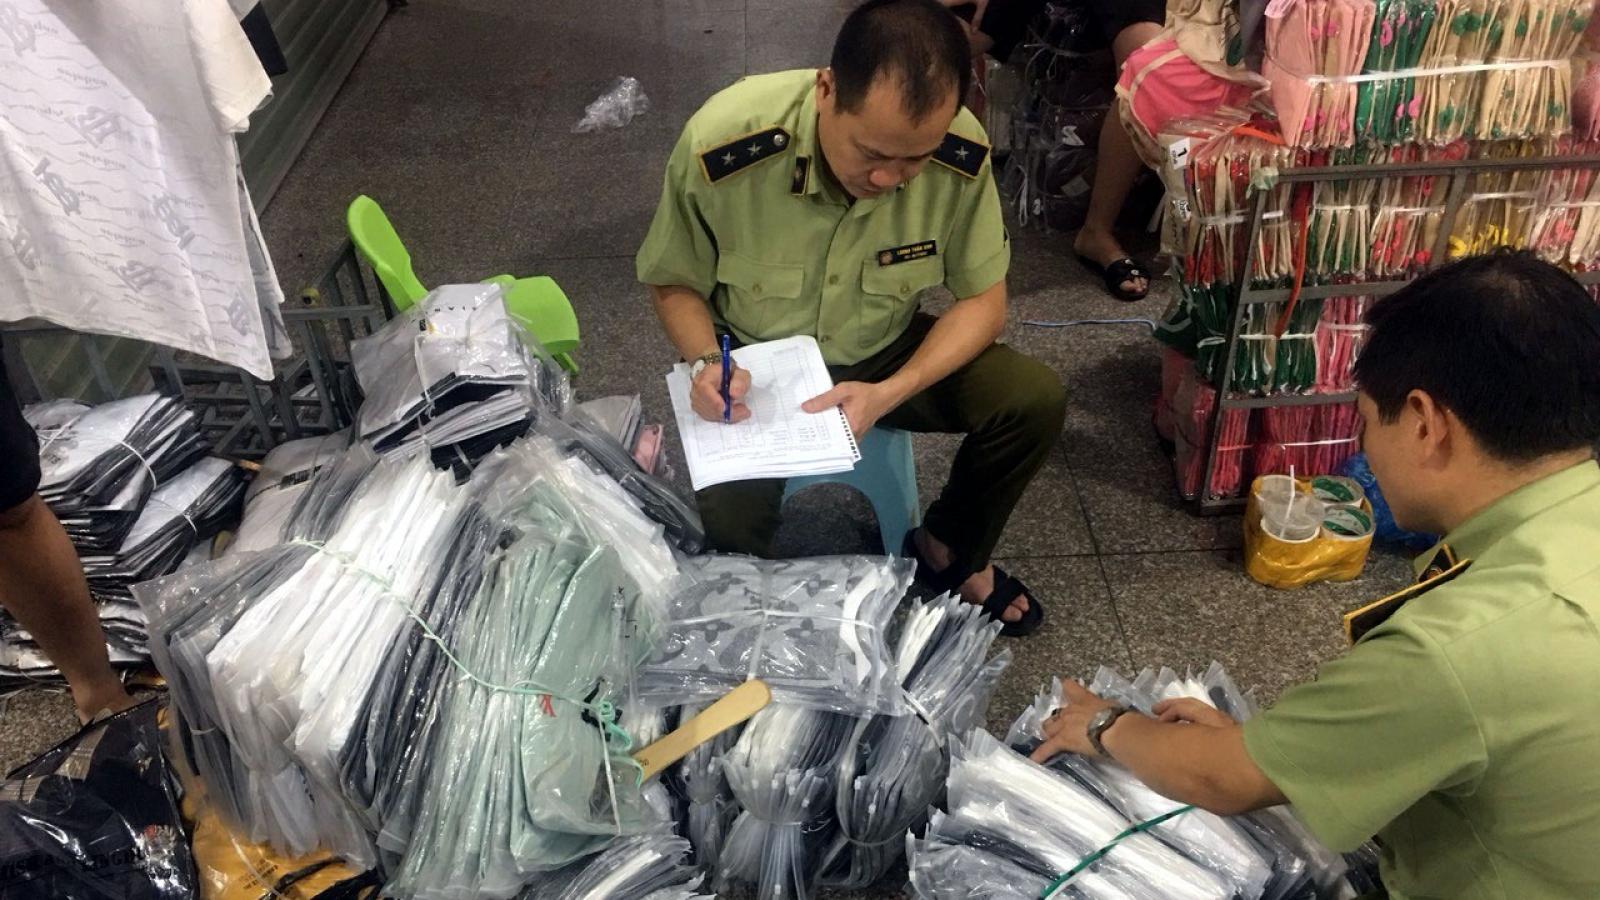 Thu giữ gần 4.700 sản phẩm giả, nhái và nhập lậu tại chợ Ninh Hiệp